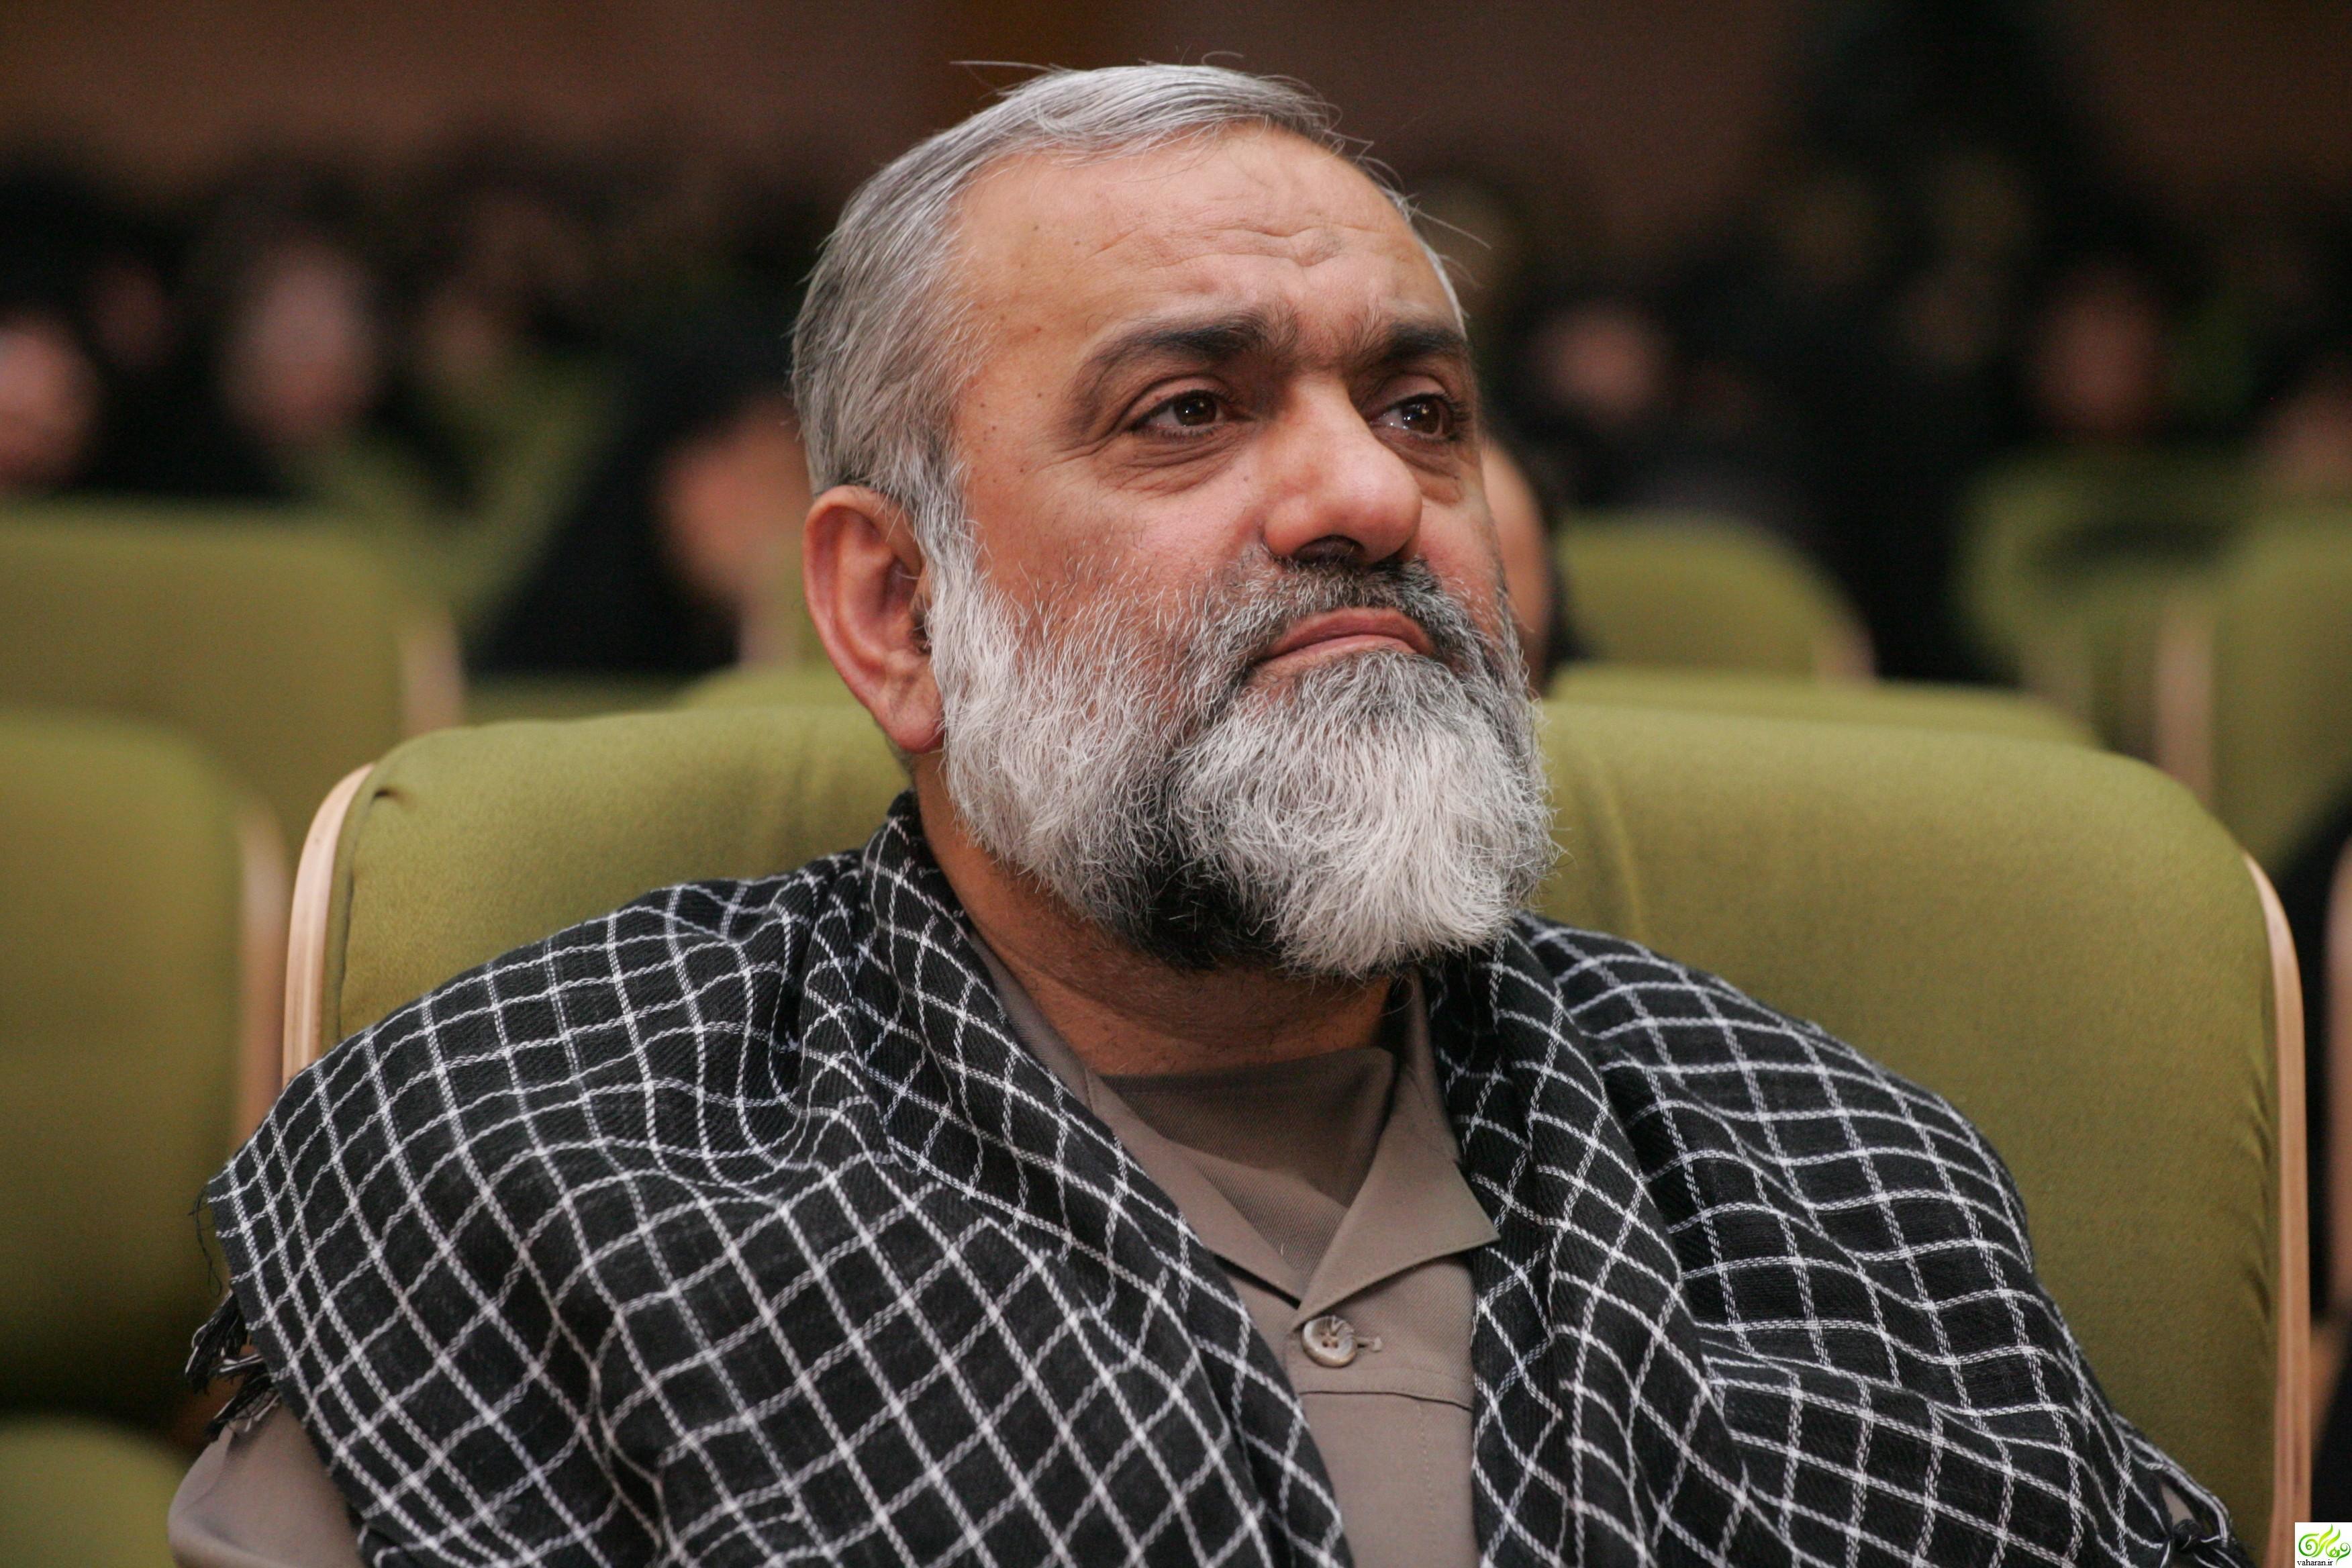 عزادار شدن سردار نقدی + جزییات کامل و بیوگرافی